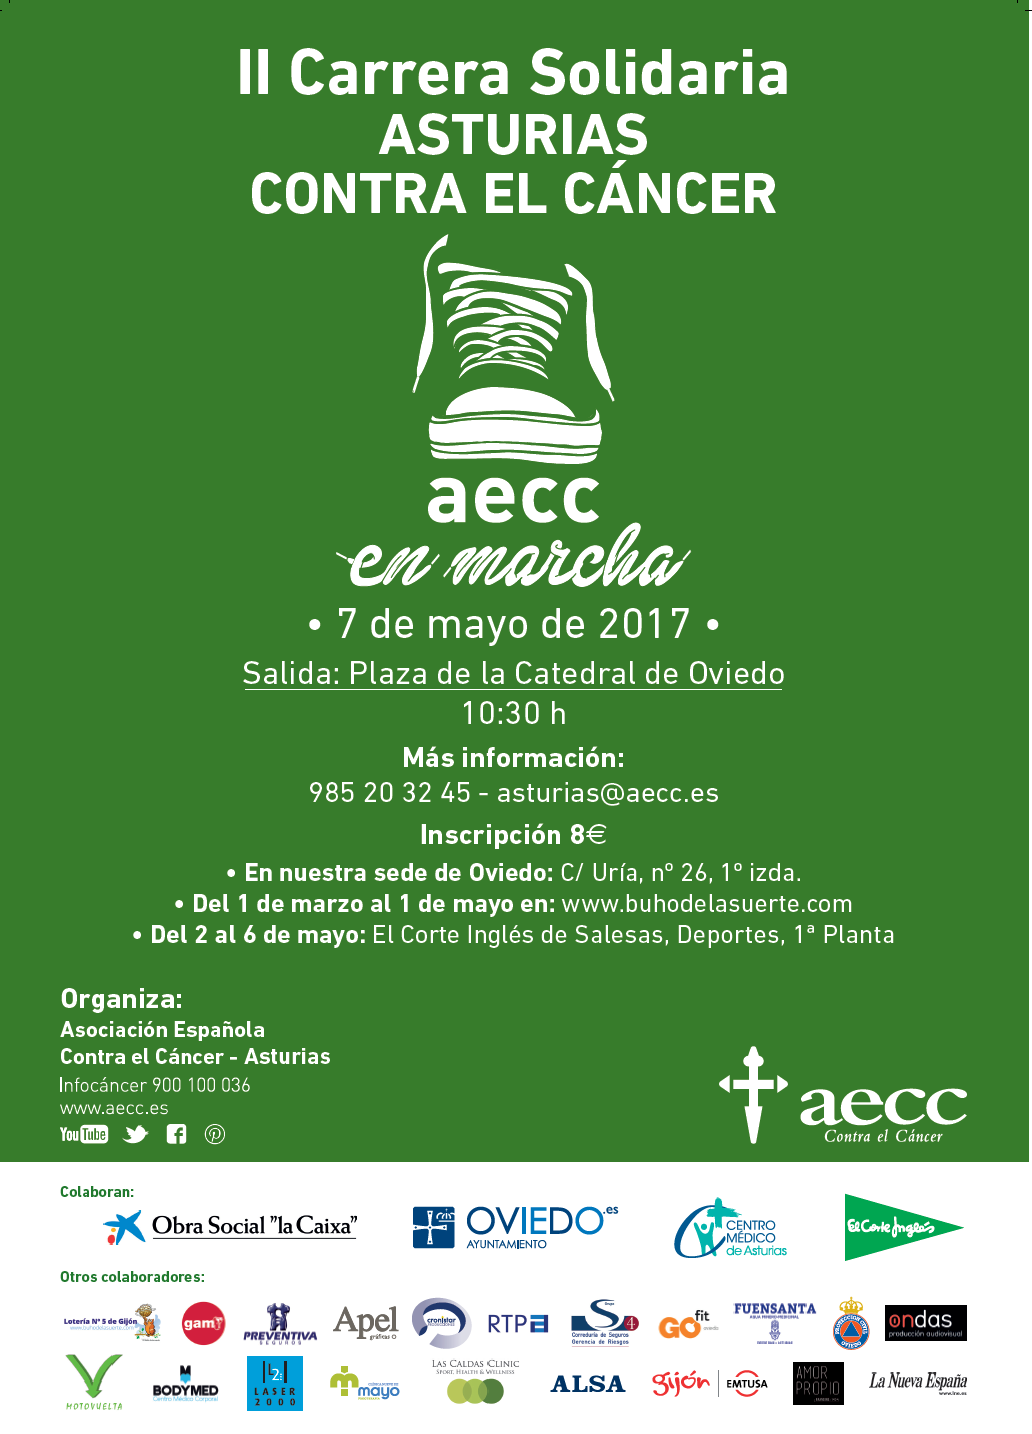 Carrera Solidaria Asturias Contra El Cáncer Aecc En Marcha 2017 Carreras Populares En Asturias La Nueva España